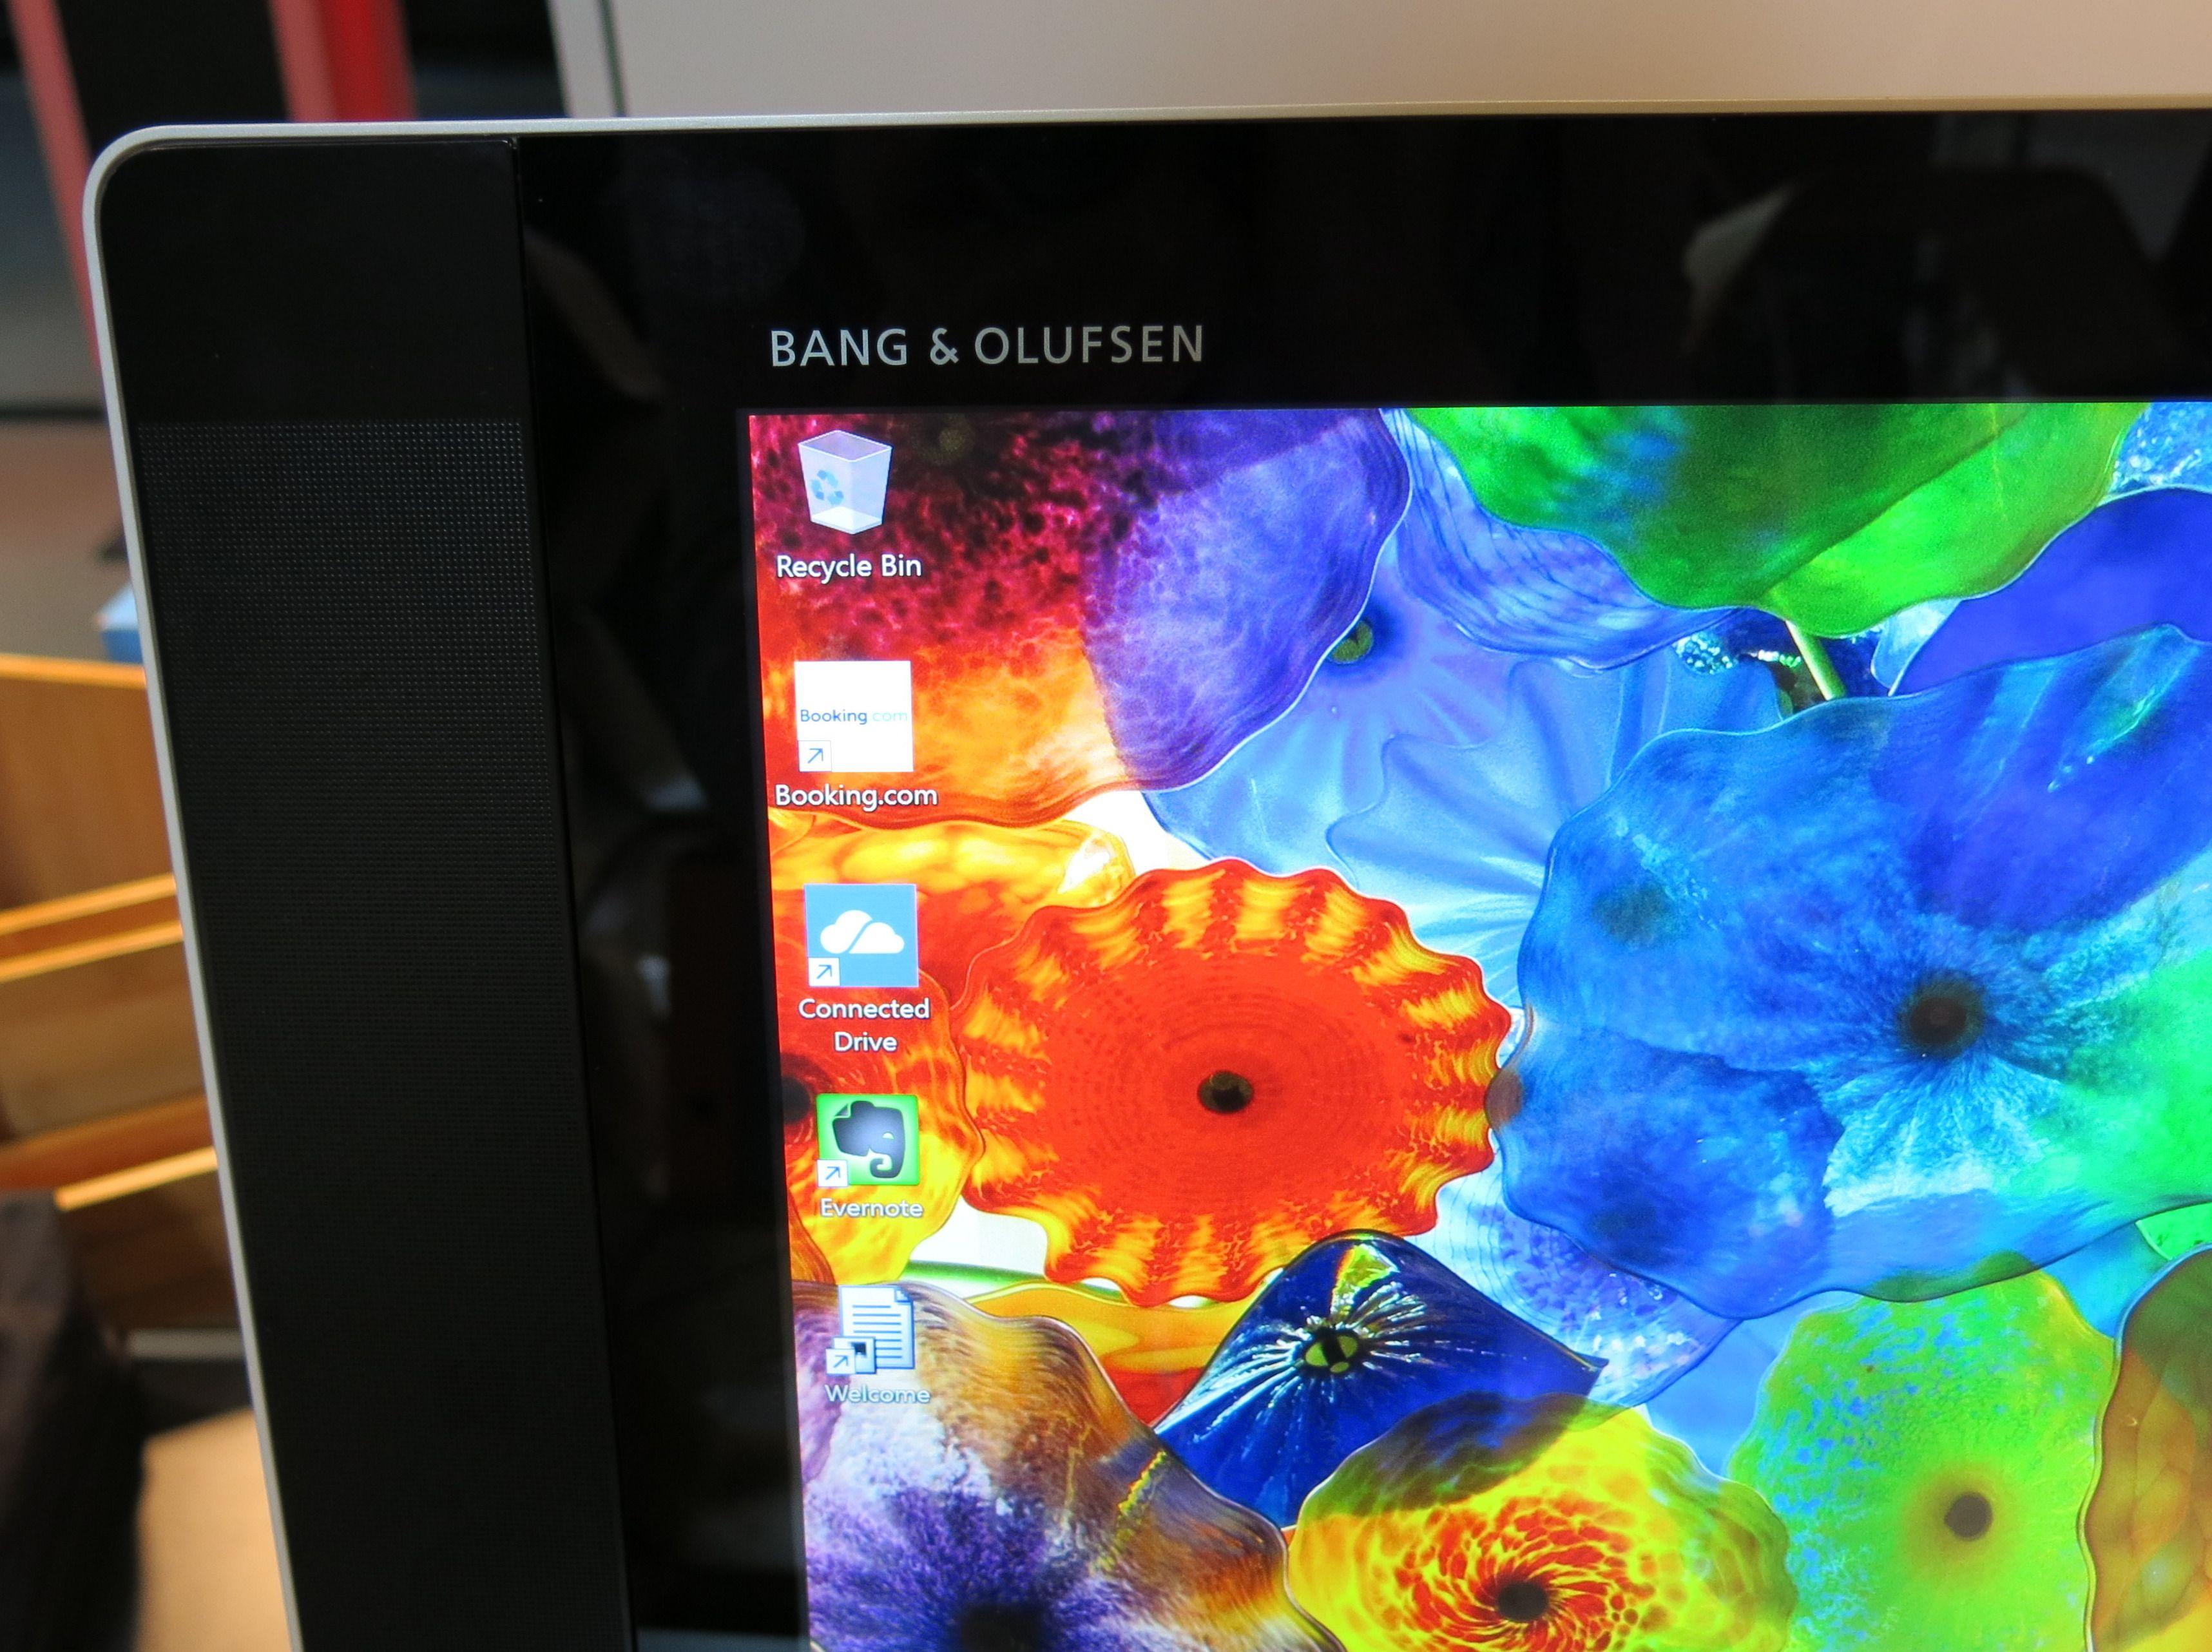 Bang & Olufsen står for lyden i høyttalerne, som bygger godt ut på hver side av skjermen og teller fire i antall på denne Envyen. Foto: Anders Brattensborg Smedsrud, Tek.no